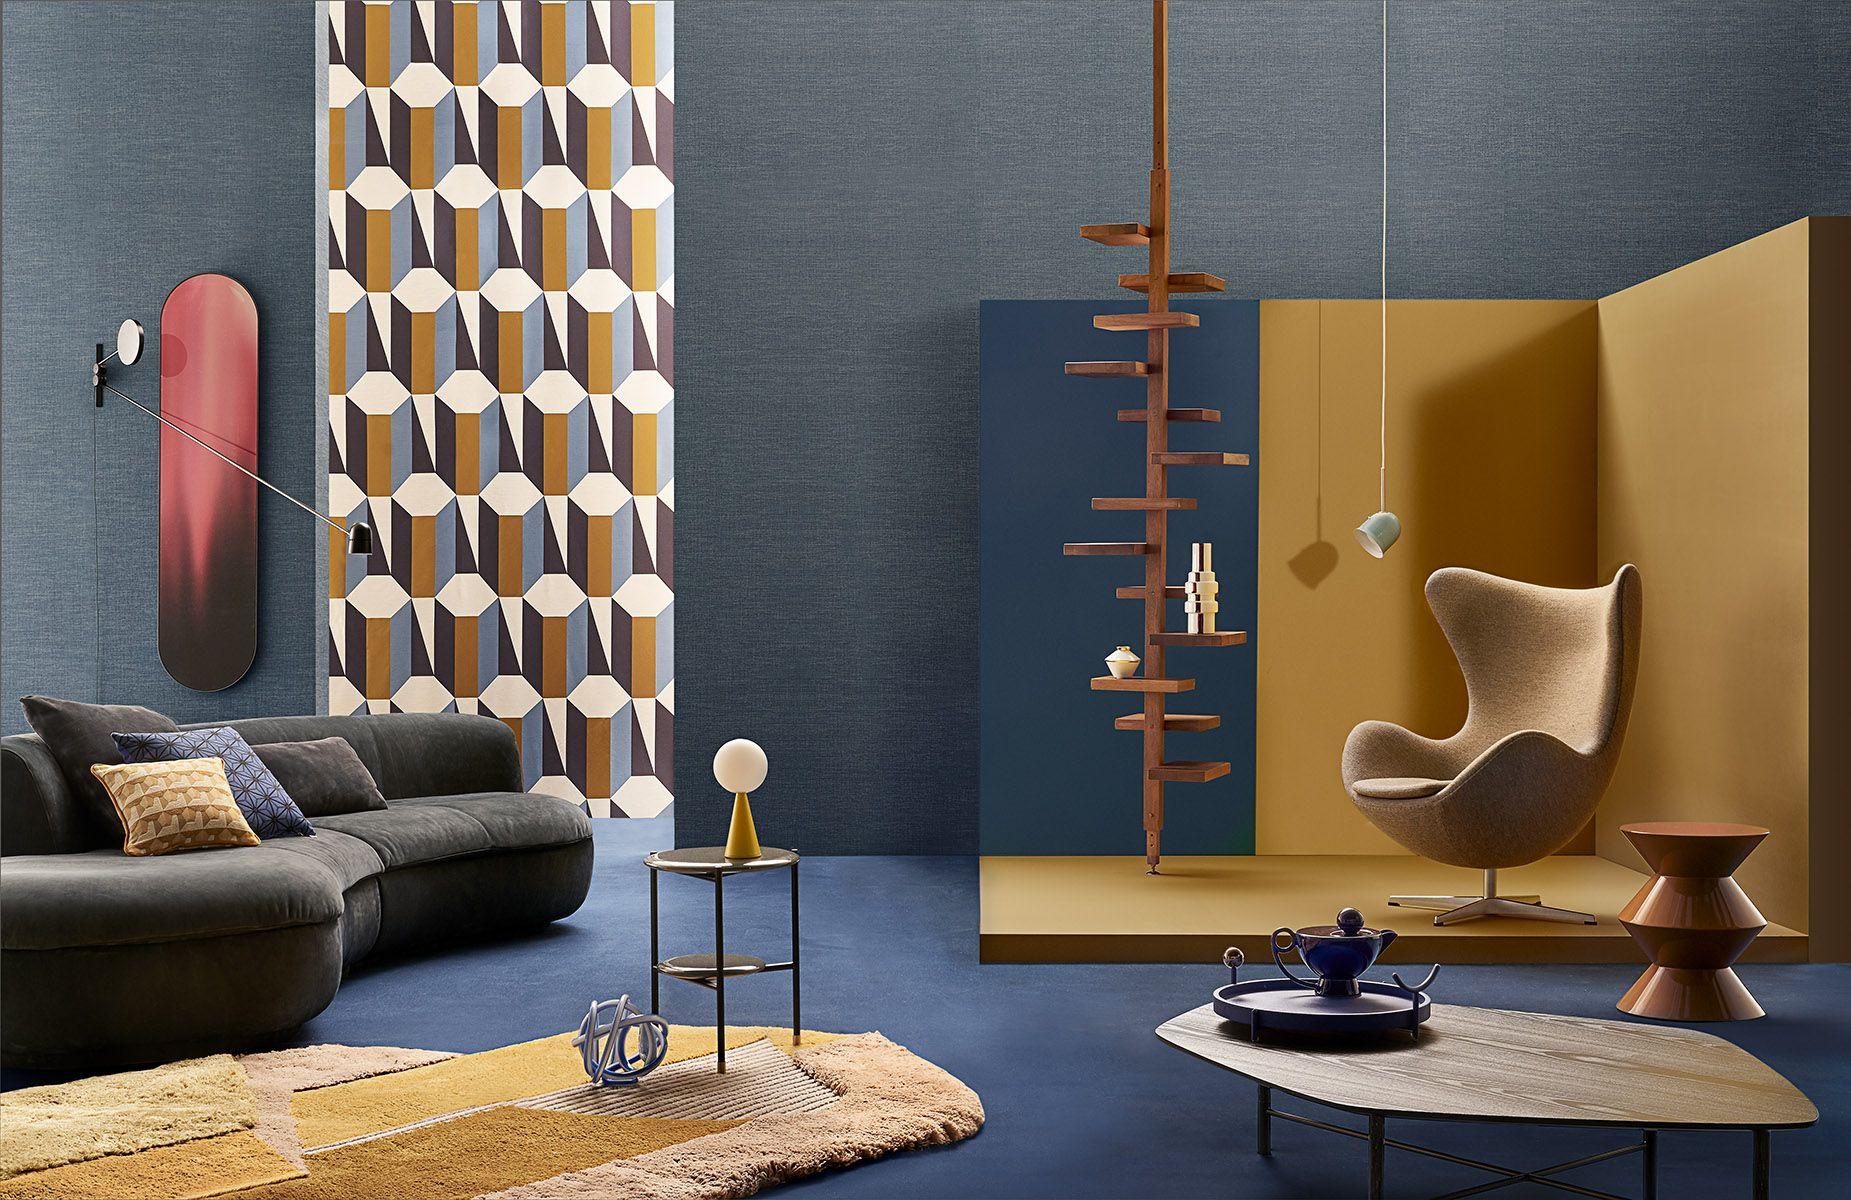 2020 的 Bruno Tarsia Architect And Interior Stylist Produces